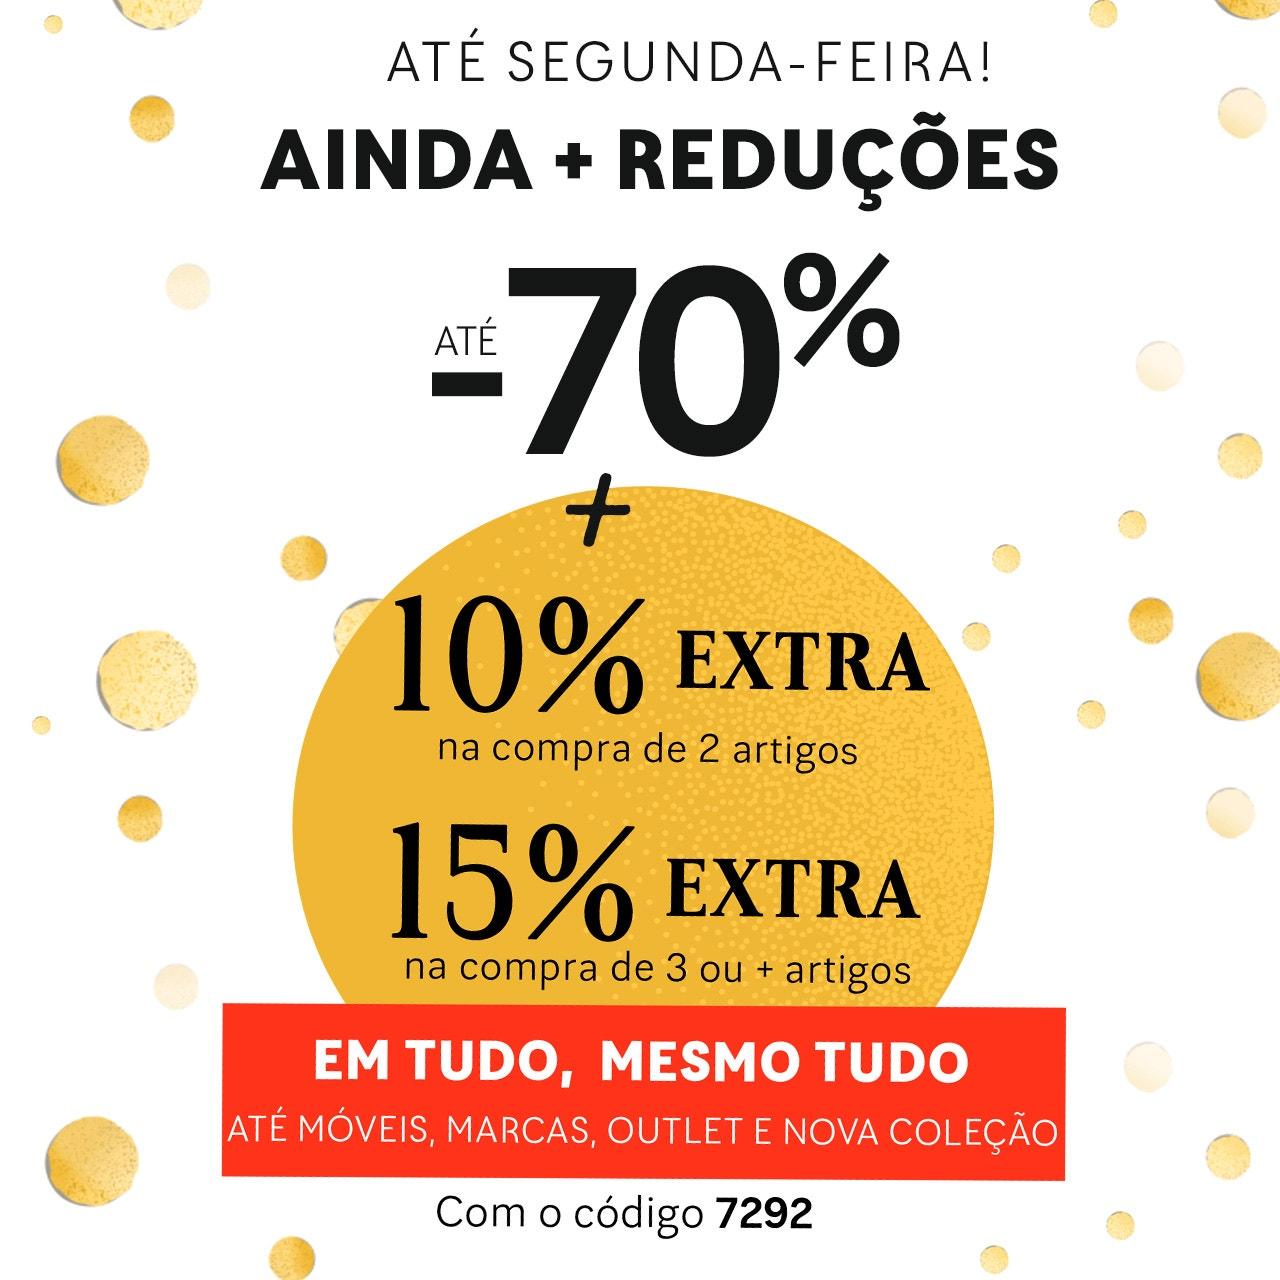 até -70% + 15%EXTRA na compra de 3 ou mais artigos